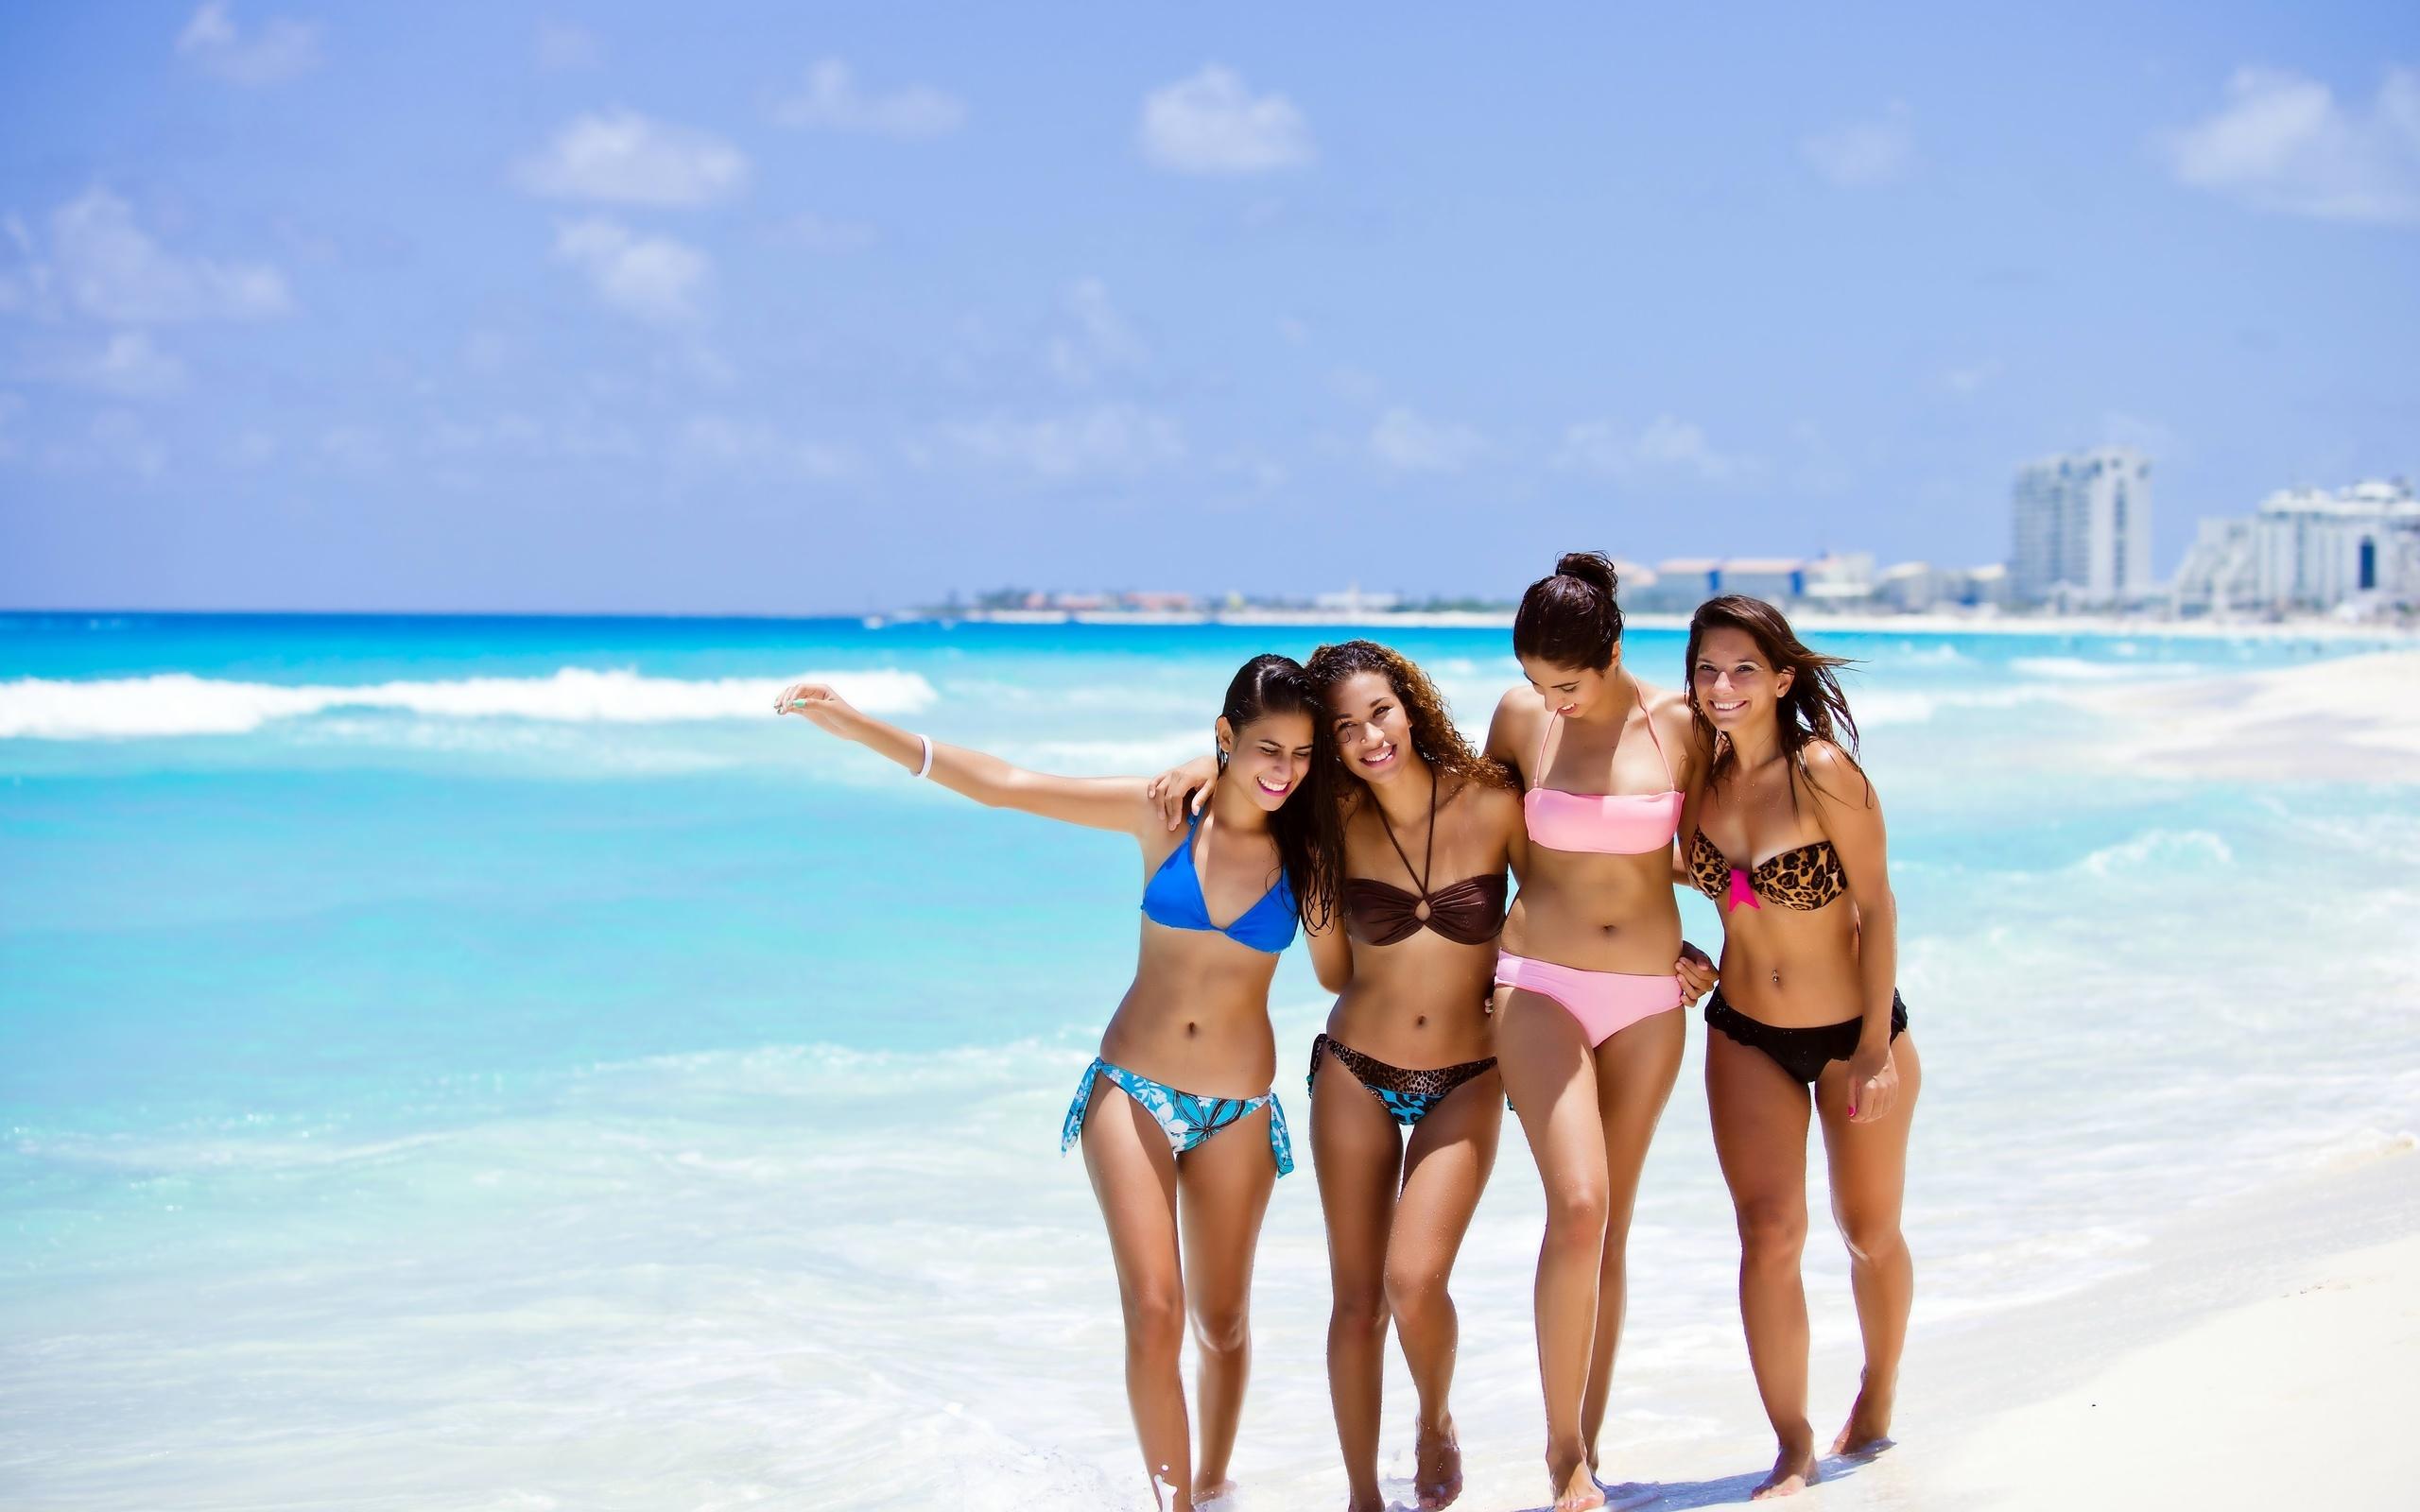 Развлечения голых девочек на курортах 2 фотография